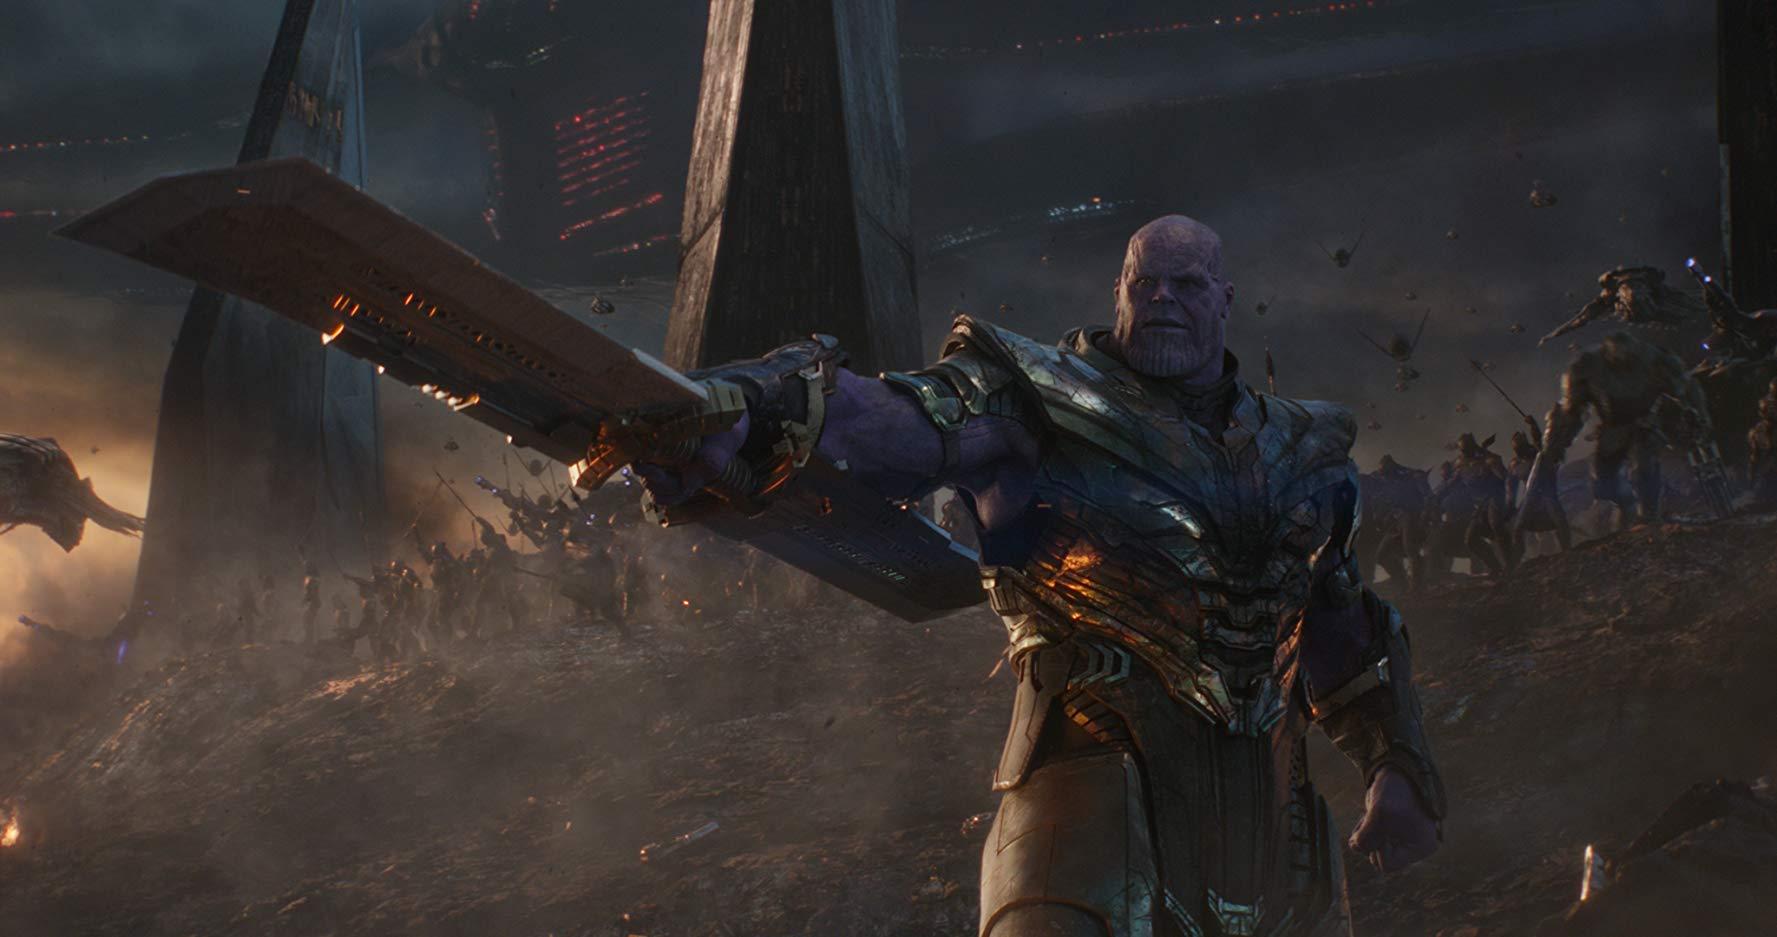 Thanos, un villano prominente en las historietas de Marvel que apareció en varias películas fue creado por Jim Starlin con la ayuda de su compañero de habitación Mike Friedrich, quien escribió las primeras historias sobre el personaje. Foto cortesía de Películas Disney.